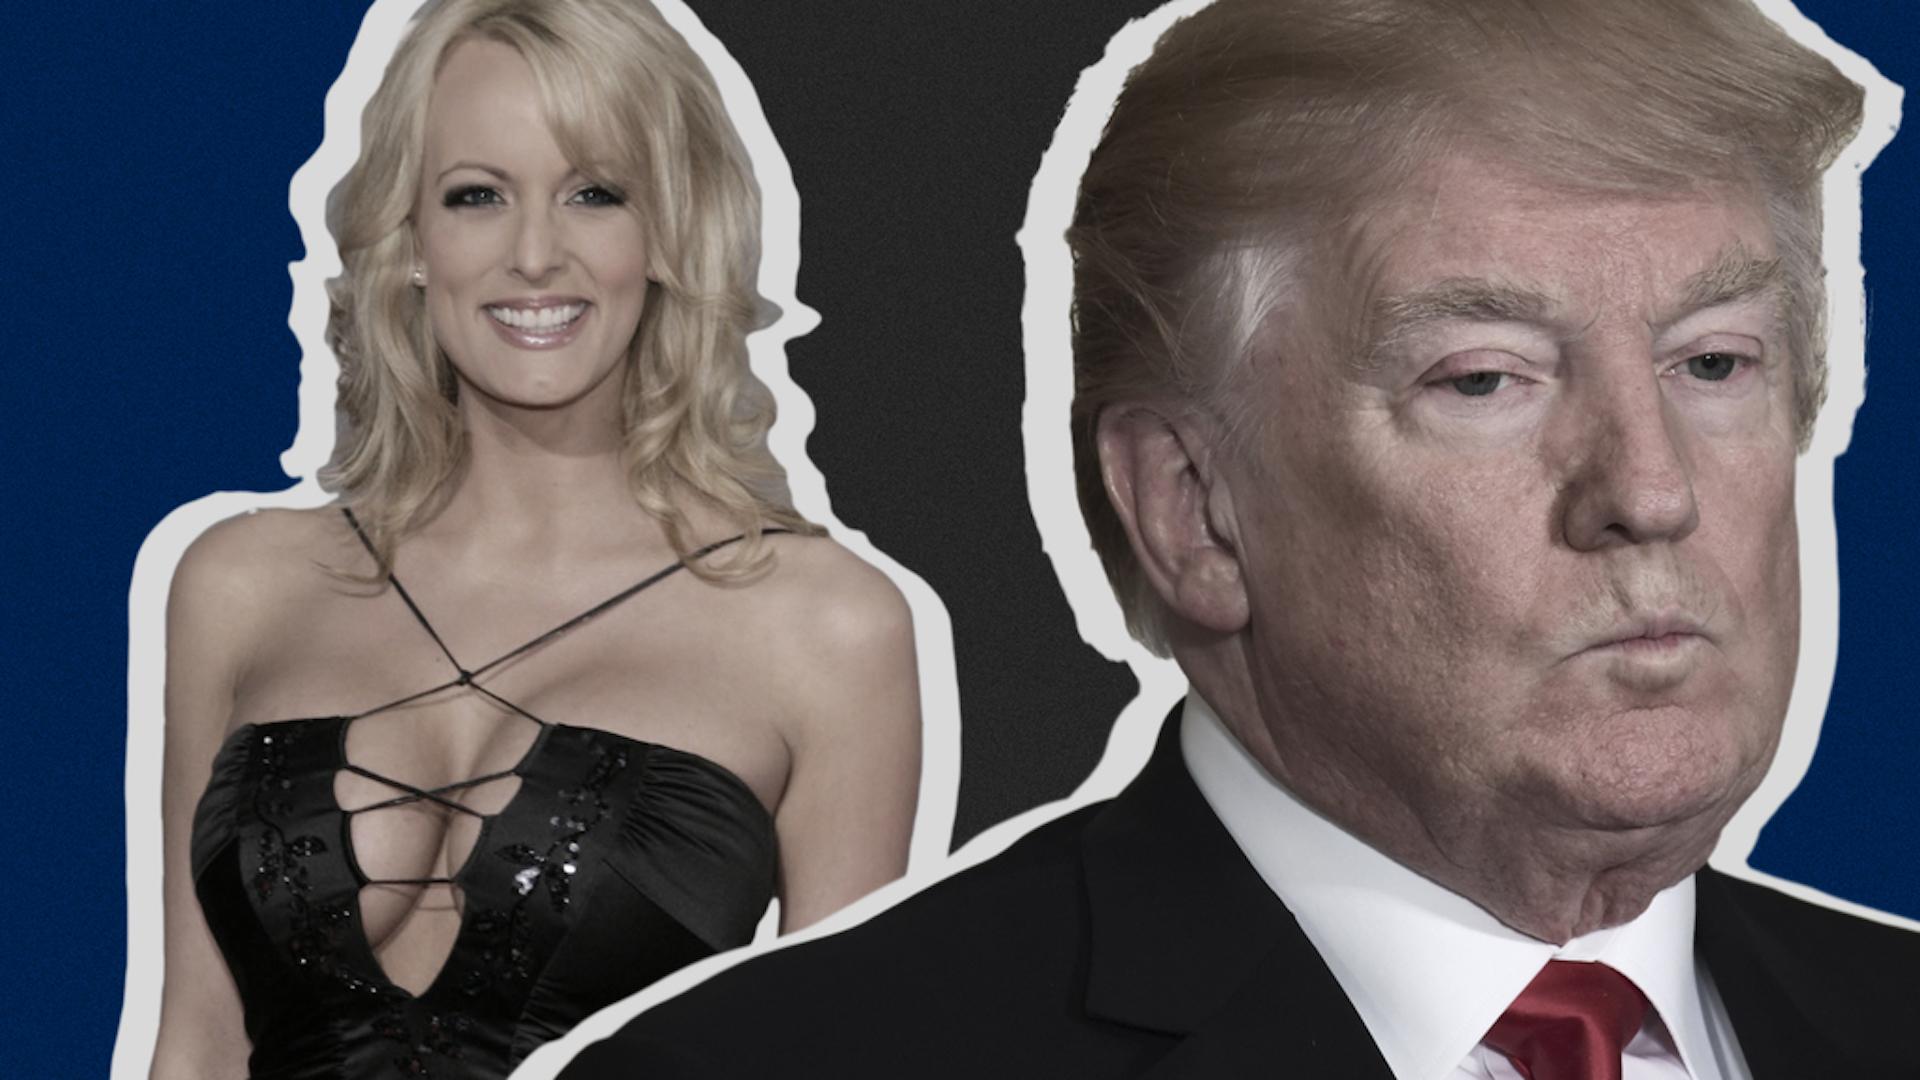 Do Trump's alleged affairs even matter?